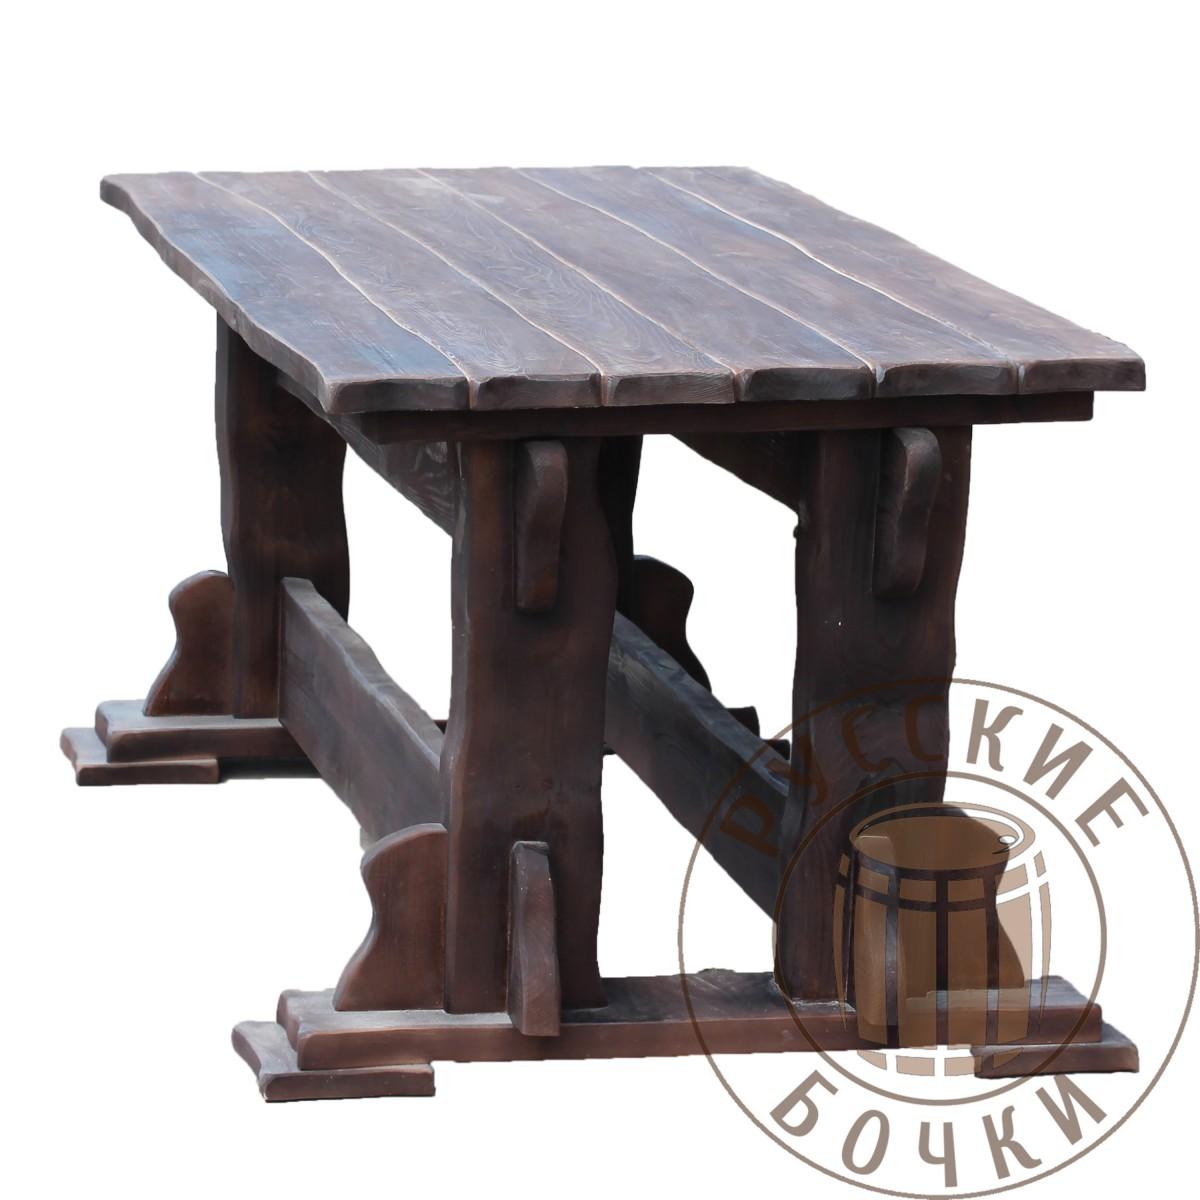 стол из массива дерева под старину 2 купить для дачи сауны